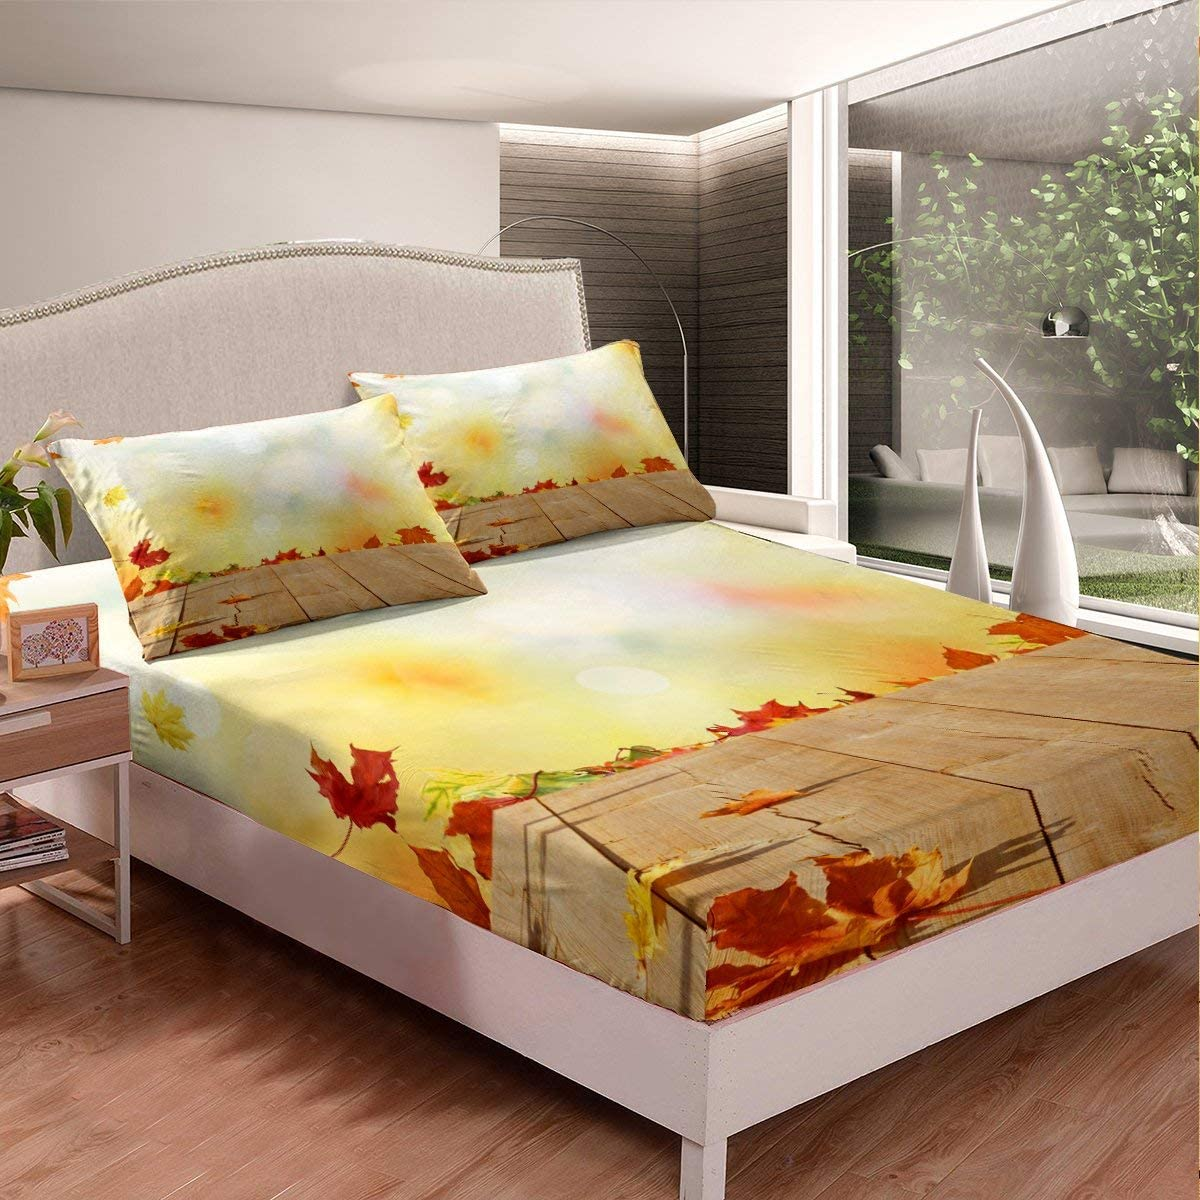 Erosebridal Maple Leaf Sheet 55% OFF Print Bedding Set Canadian shipfree